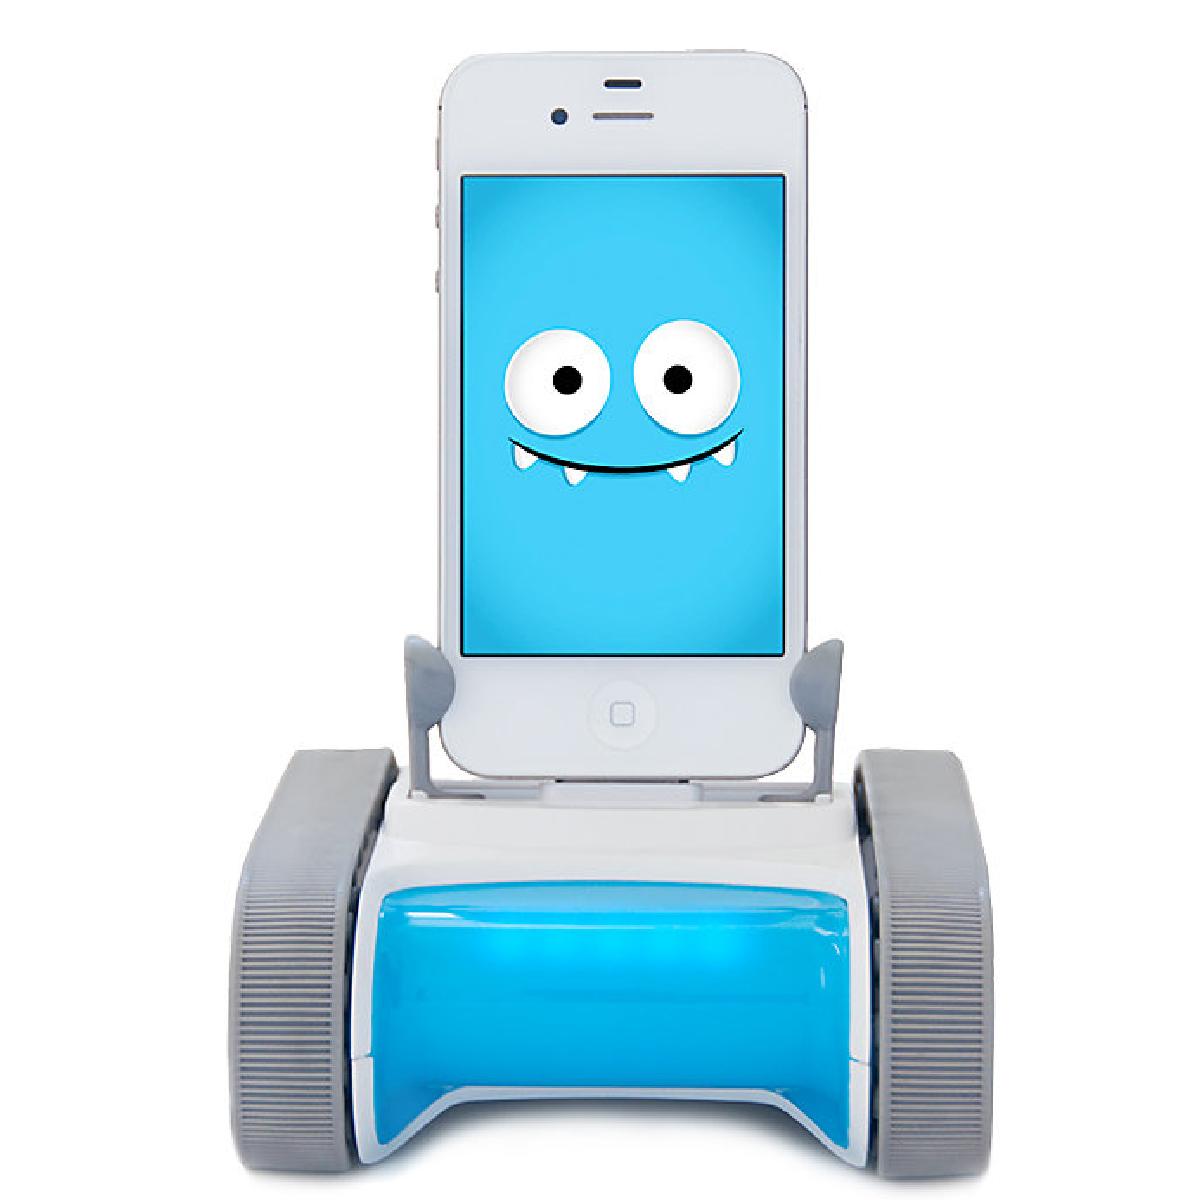 cadeaux 2 ouf id es de cadeaux insolites et originaux romo un petit robot interactif pour. Black Bedroom Furniture Sets. Home Design Ideas